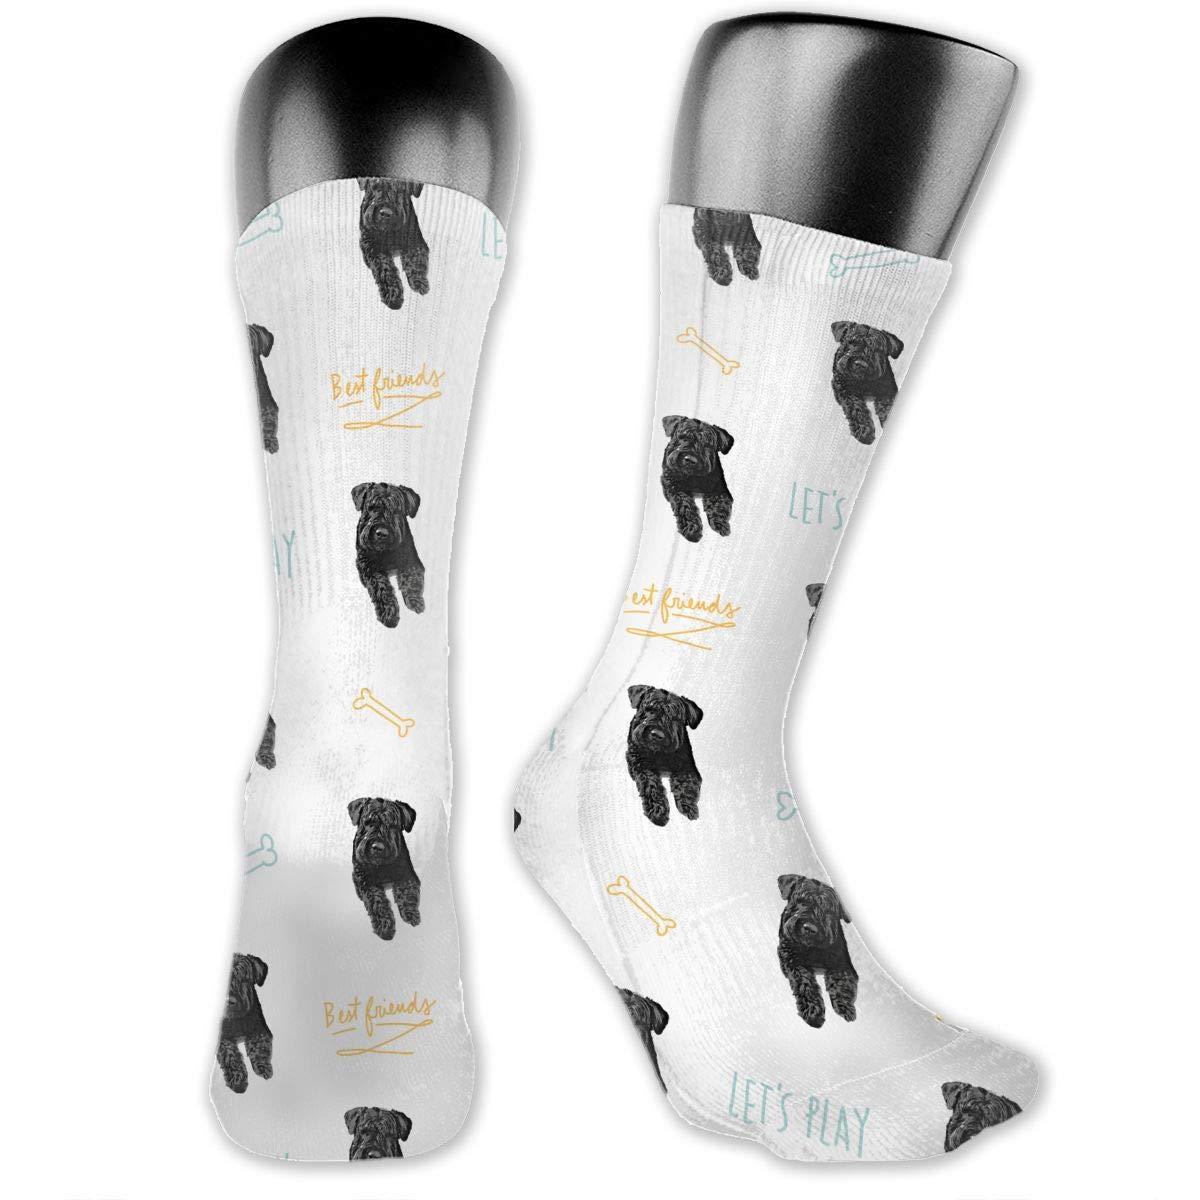 Cotton Dress Socks For Men Women Casual Bouvier Des Flandres Socks